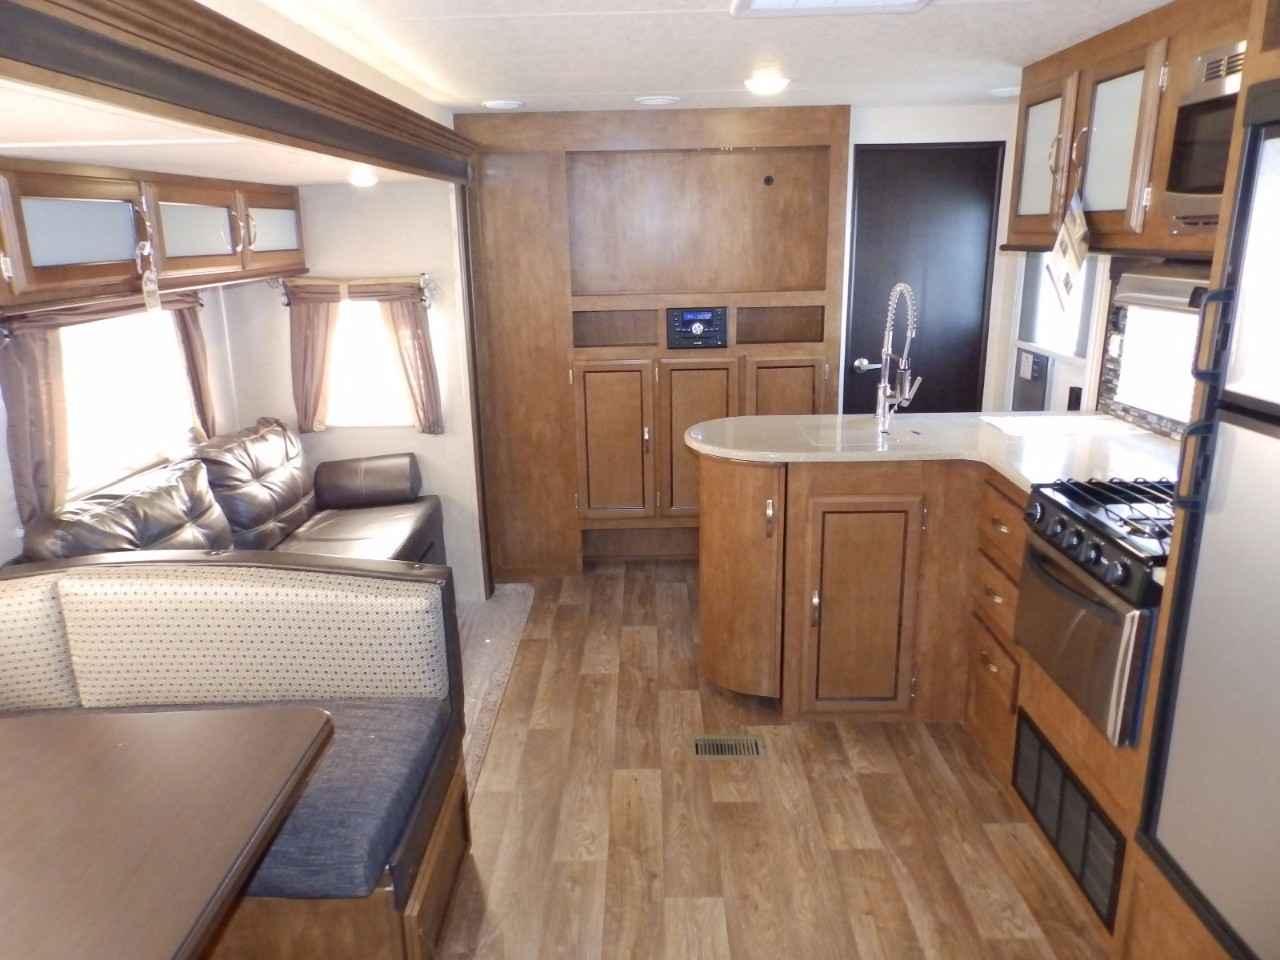 travel trailer v front narva flasher wiring diagram 2018 new forest river salem 32bhds, 2 slides, exterior kitchen,rear bunkhouse in ...